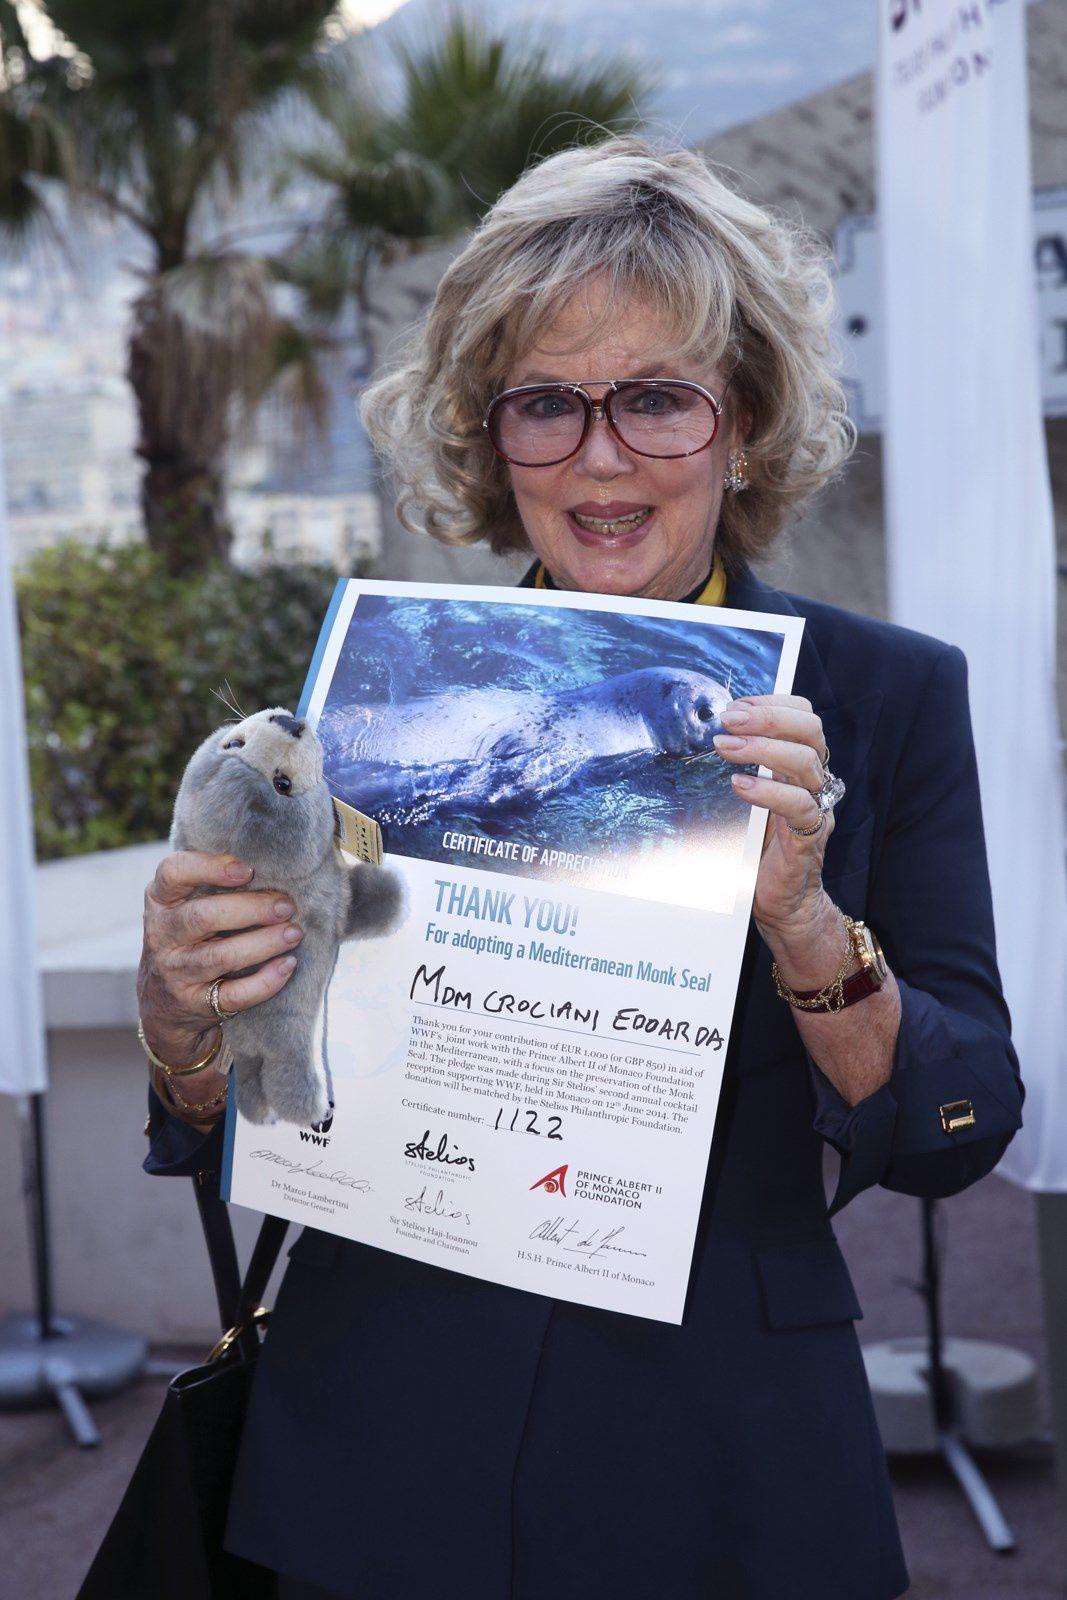 S.E. Bernard Fautrier, Vice-Presidente Fondation Prince Albert II e donna Fernanda Cruciani con un certificato di contributo personale.